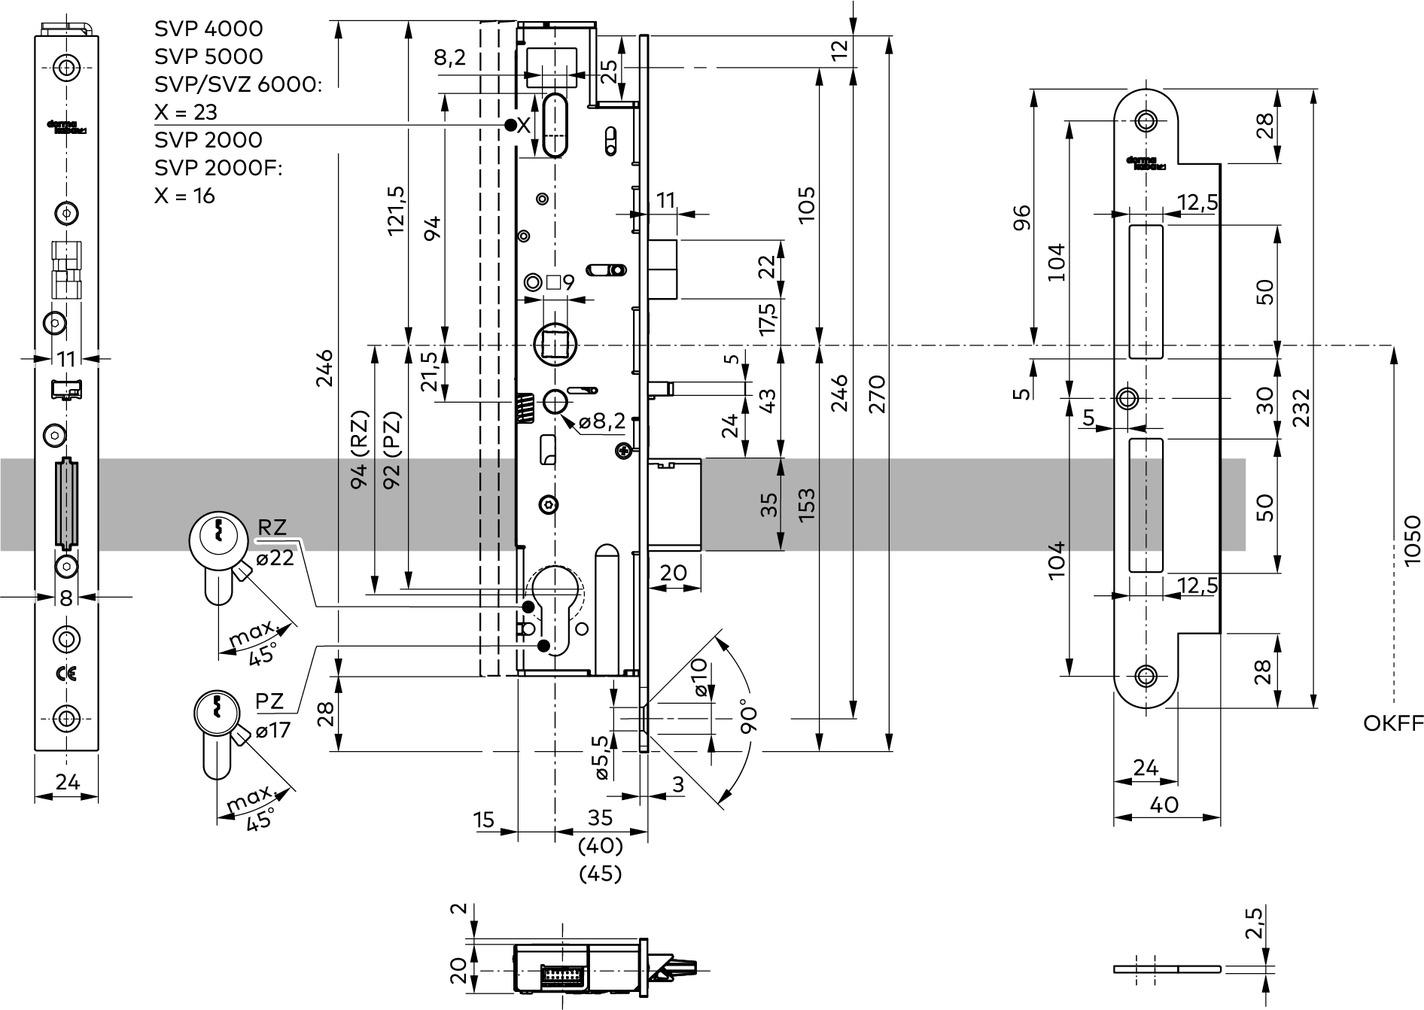 Selbstverriegelnde ANTIPANIK Motorschlösser dormakaba SVP 2000 DCW